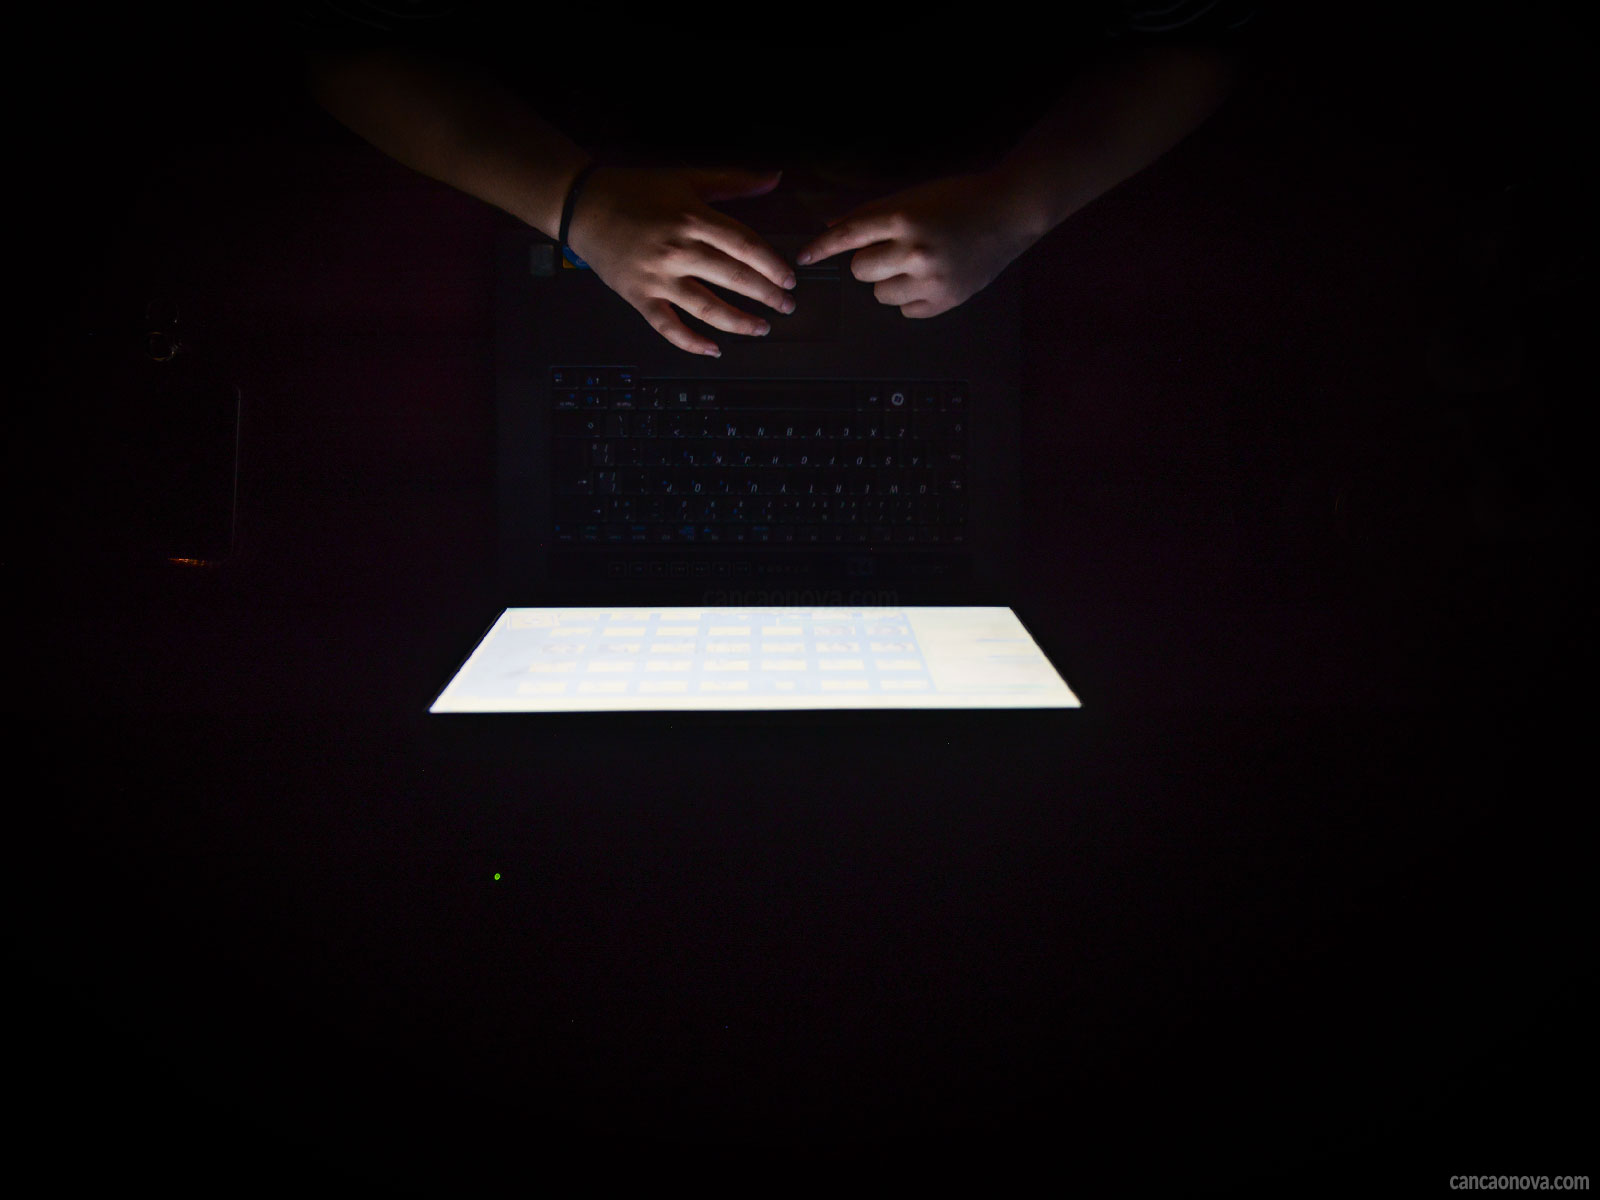 -Saiba-como-combater-a-pornografia-existente-na-internet